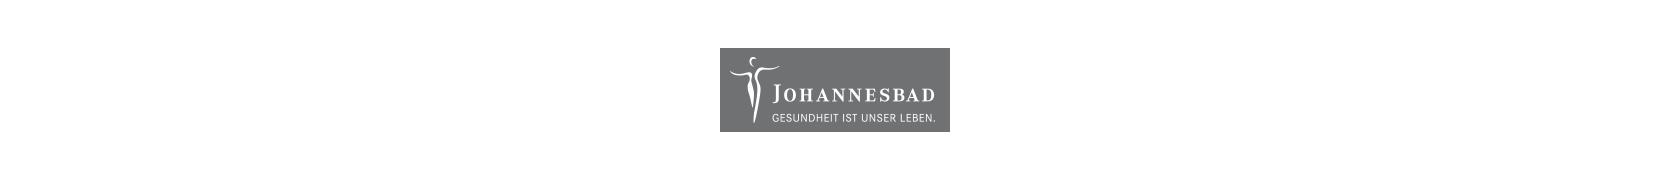 Johannesbad.png